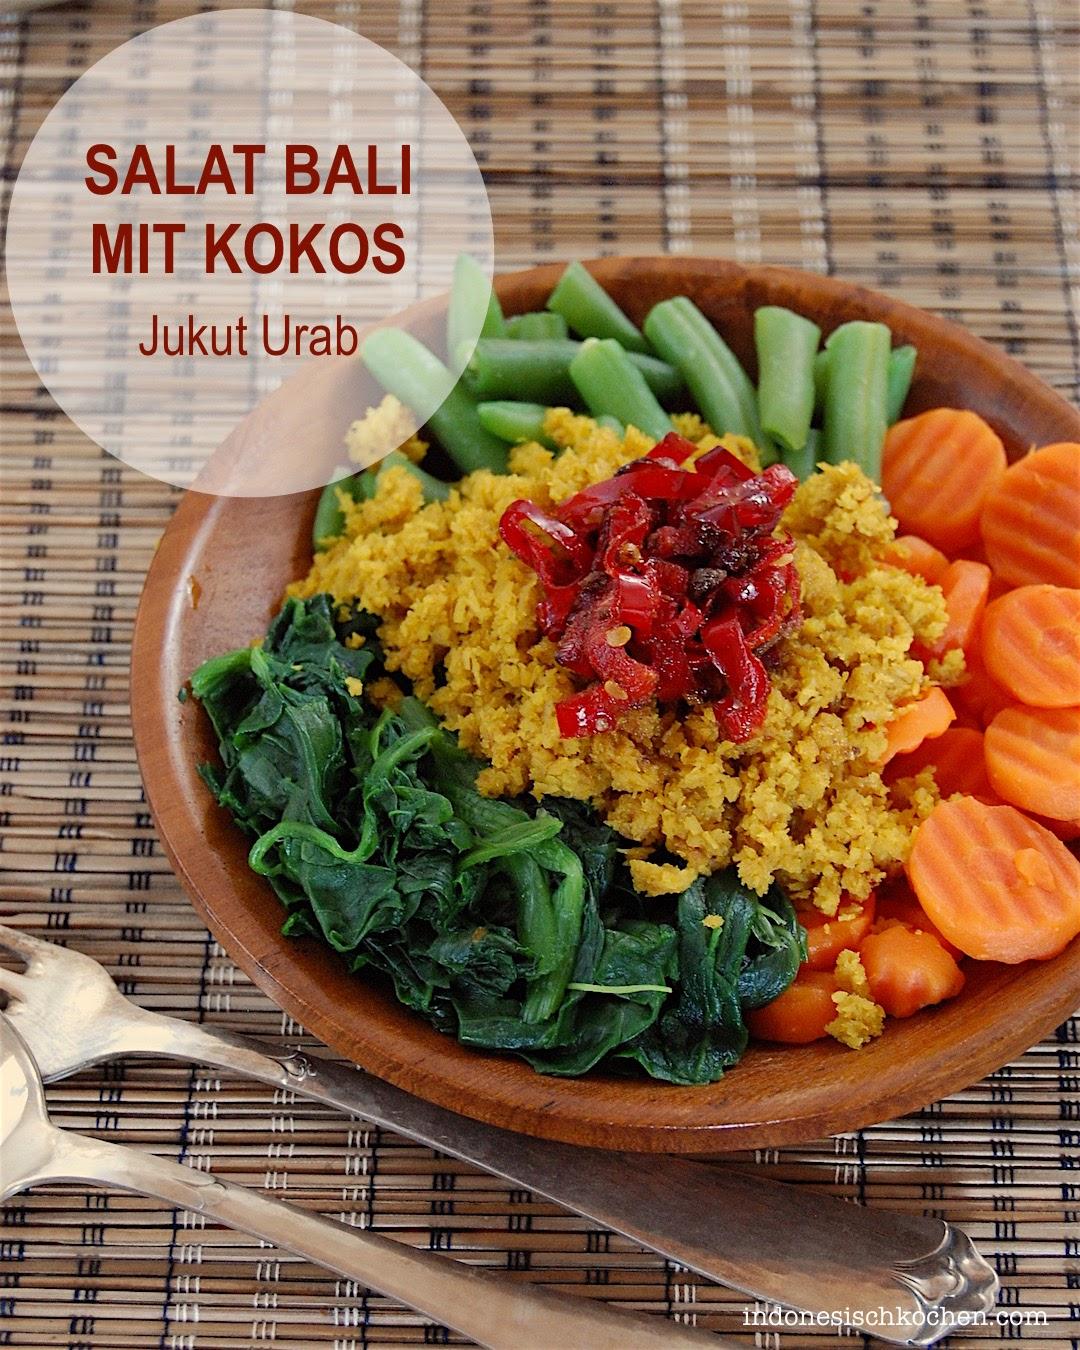 Salat Balinesisch mit Kokos indonesisch kochen